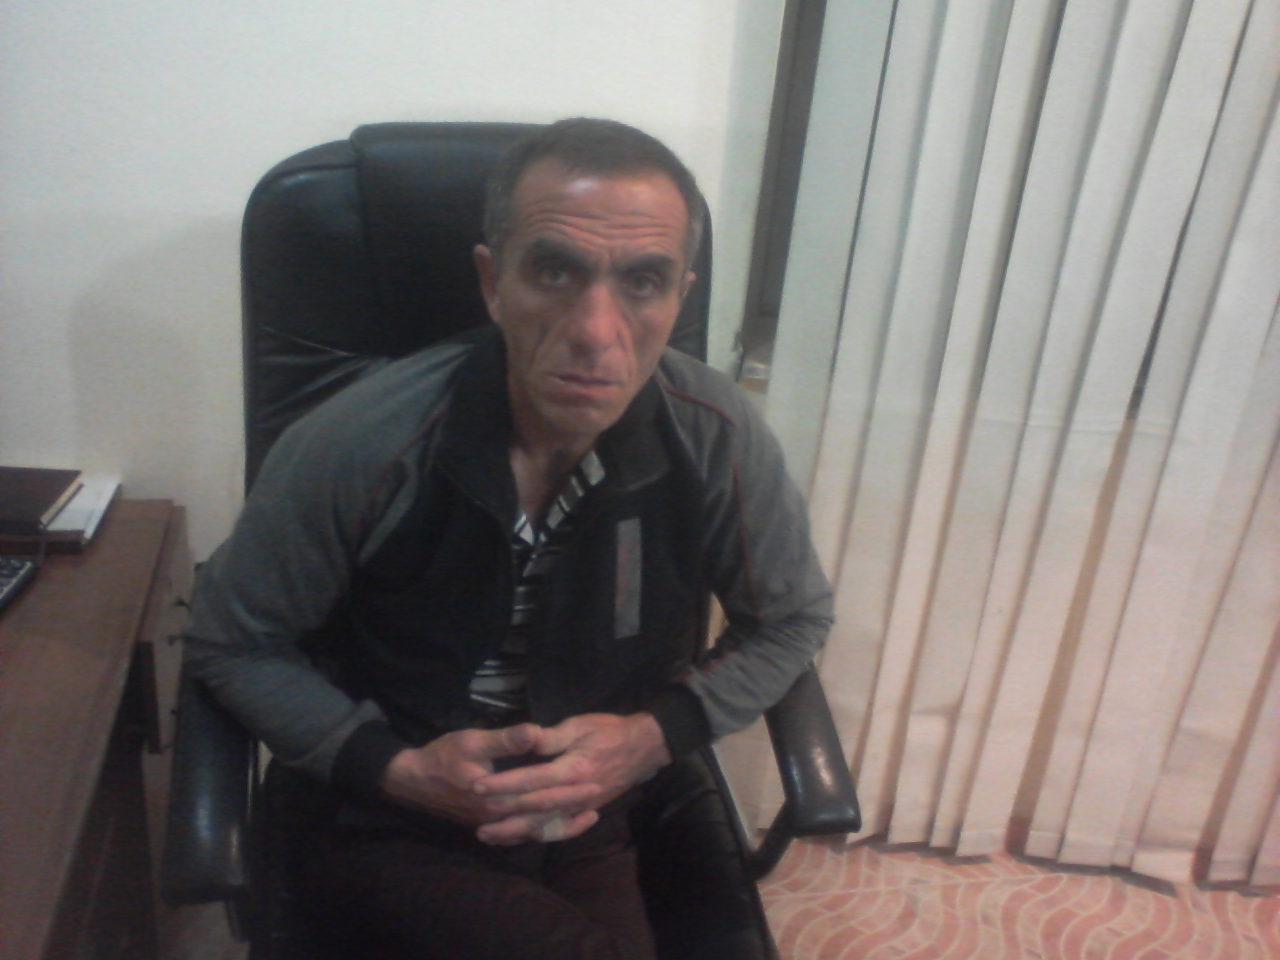 Գիշերը Թալիշում զոհված Վազգենը Շուշի քաղաքից էր, անչափահաս երեխաների հայր